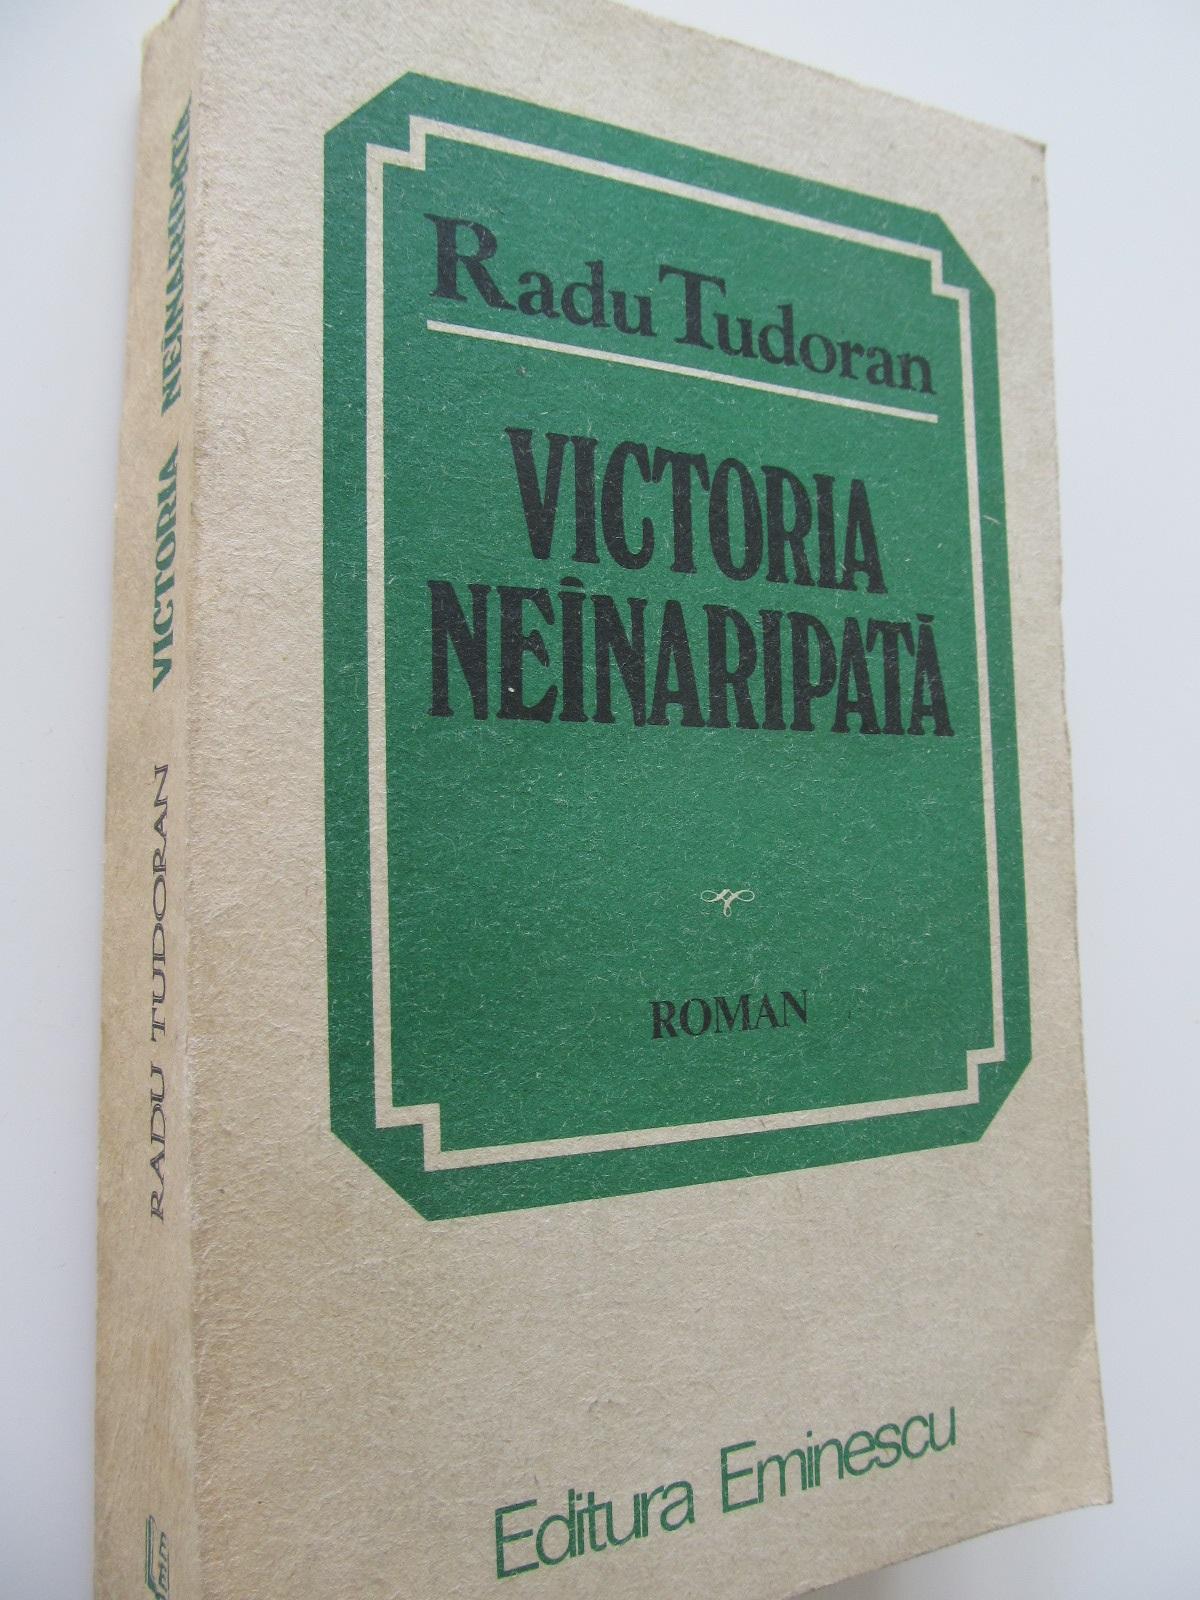 Victoria neinaripata - Radu Tudoran | Detalii carte